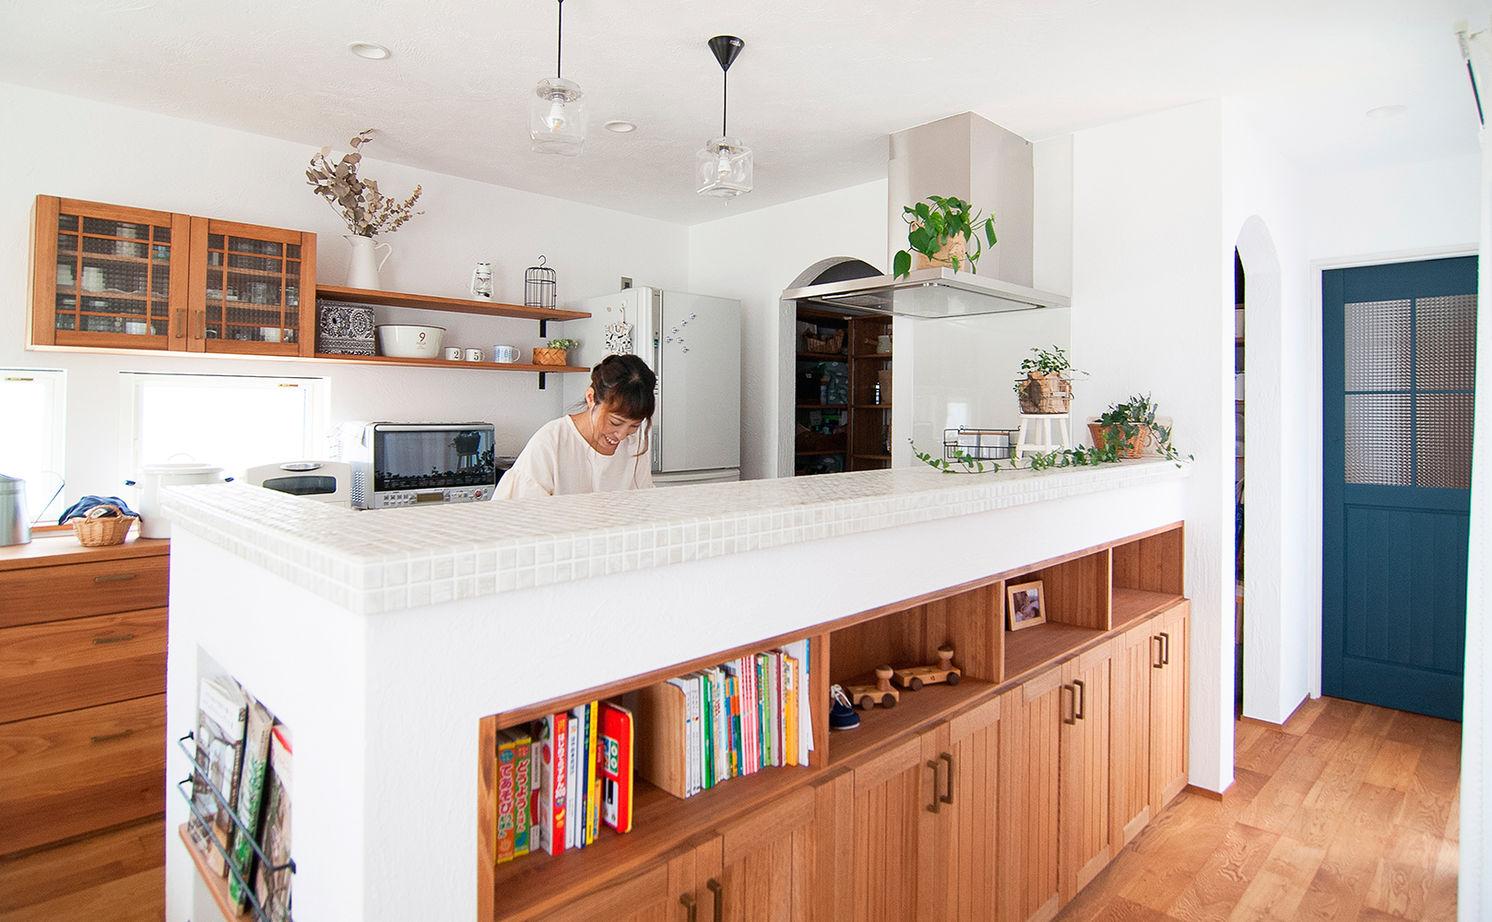 【平屋風×造作家具】手仕事が大好きな夫妻が選んだ、家具までハンドメイドの平屋風の住まい画像3